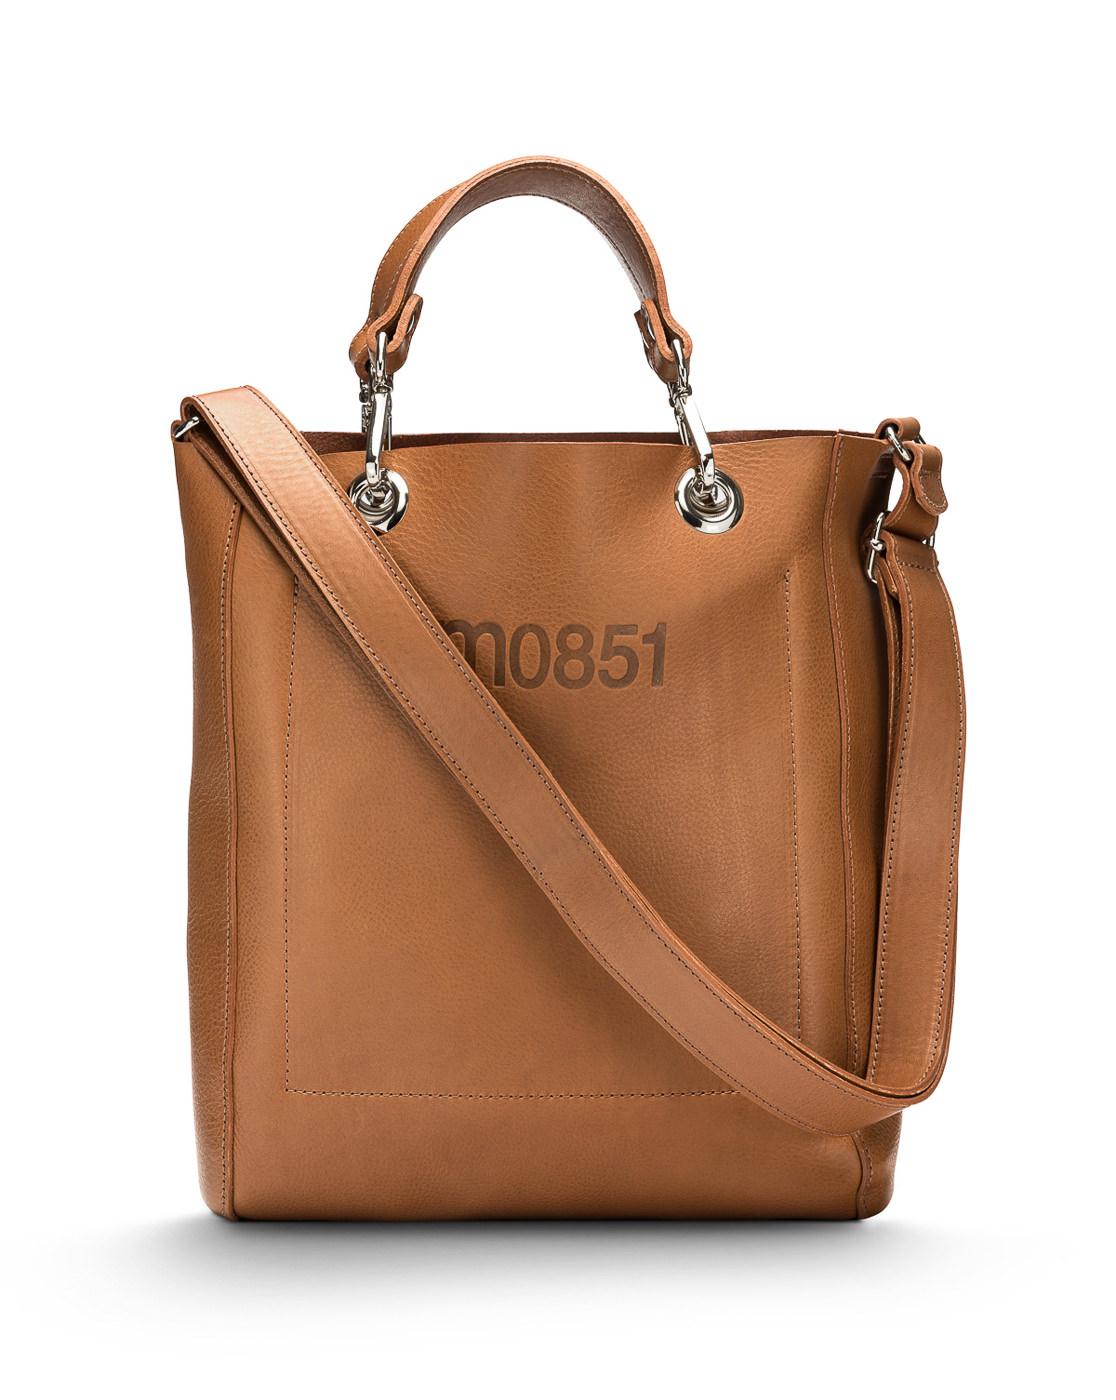 Sac cuir brun m0851